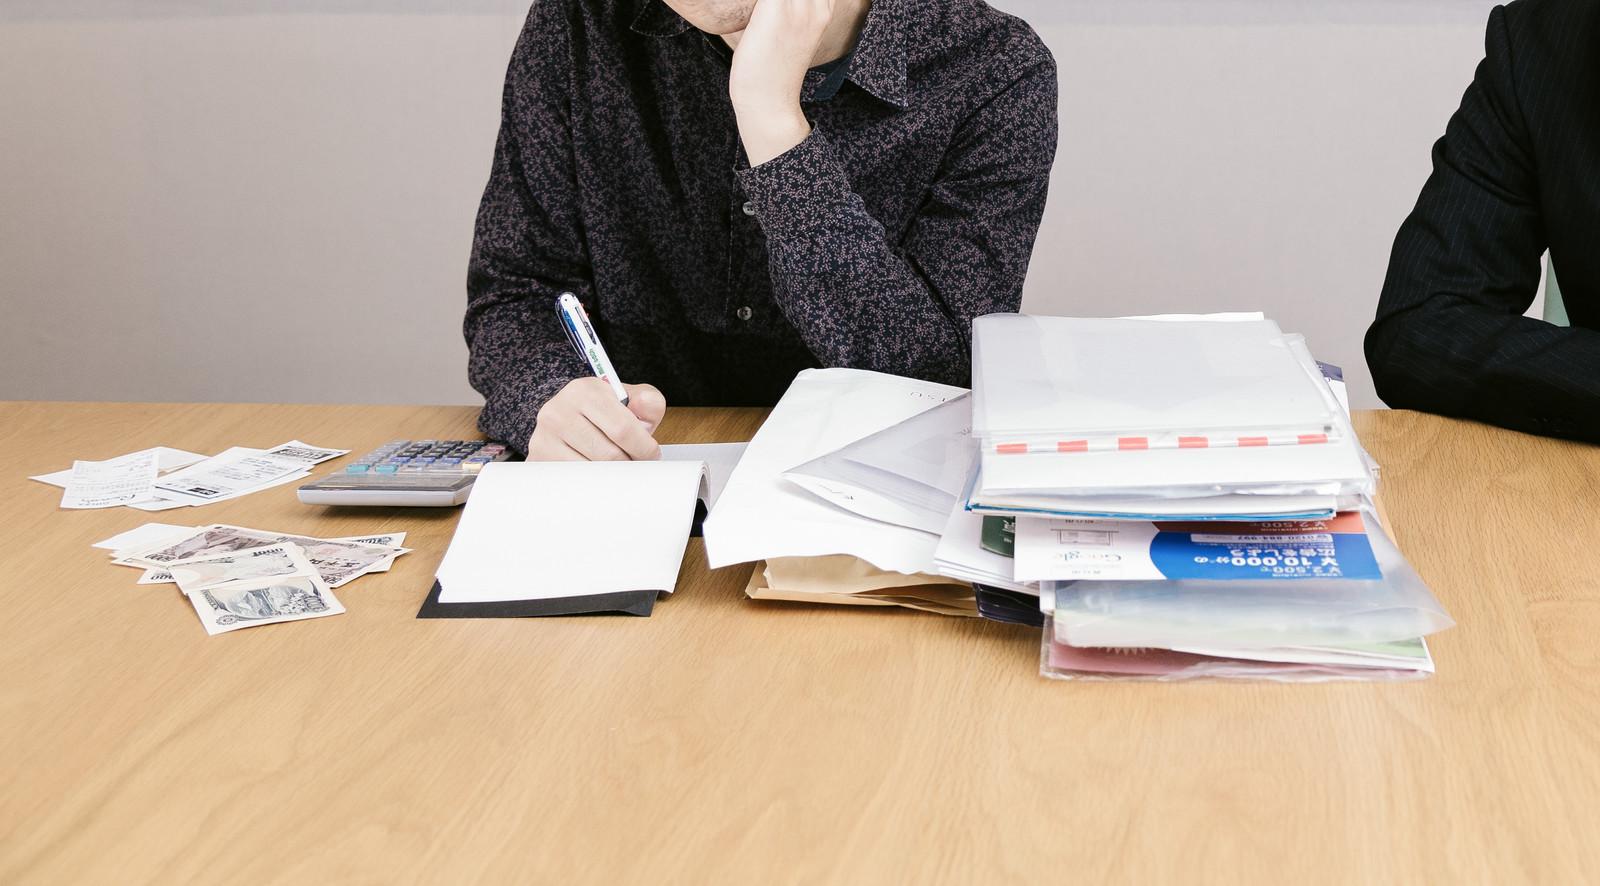 医療事務未経験の面接で資格の勉強をしていることを話す時の注意点